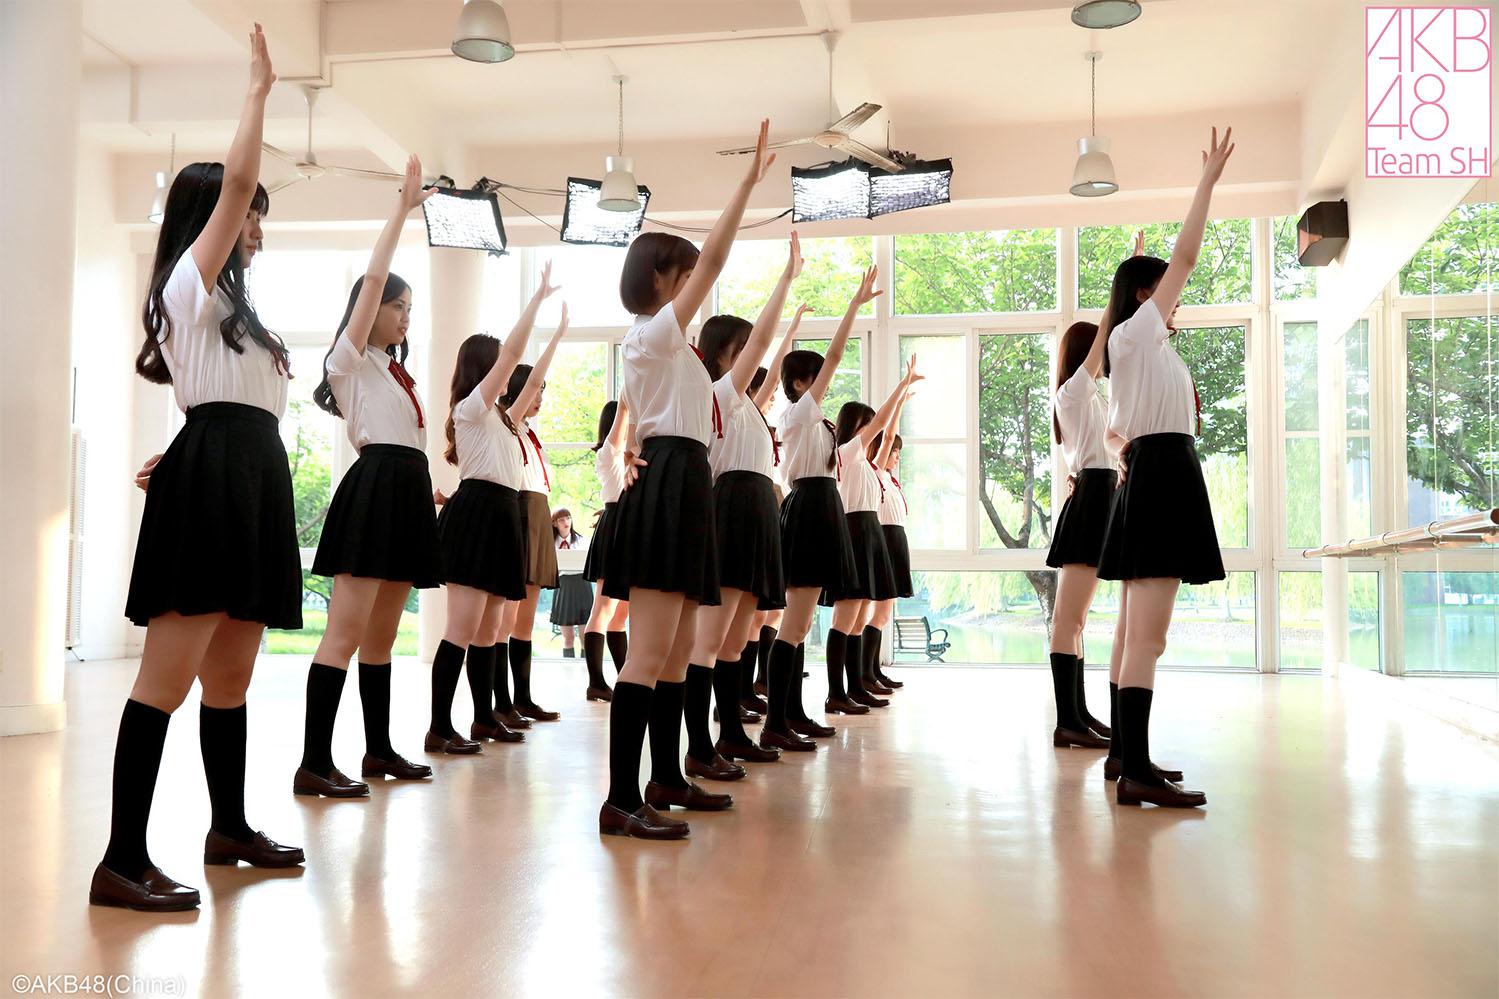 AKB48 Team SH勇敢追梦.jpg